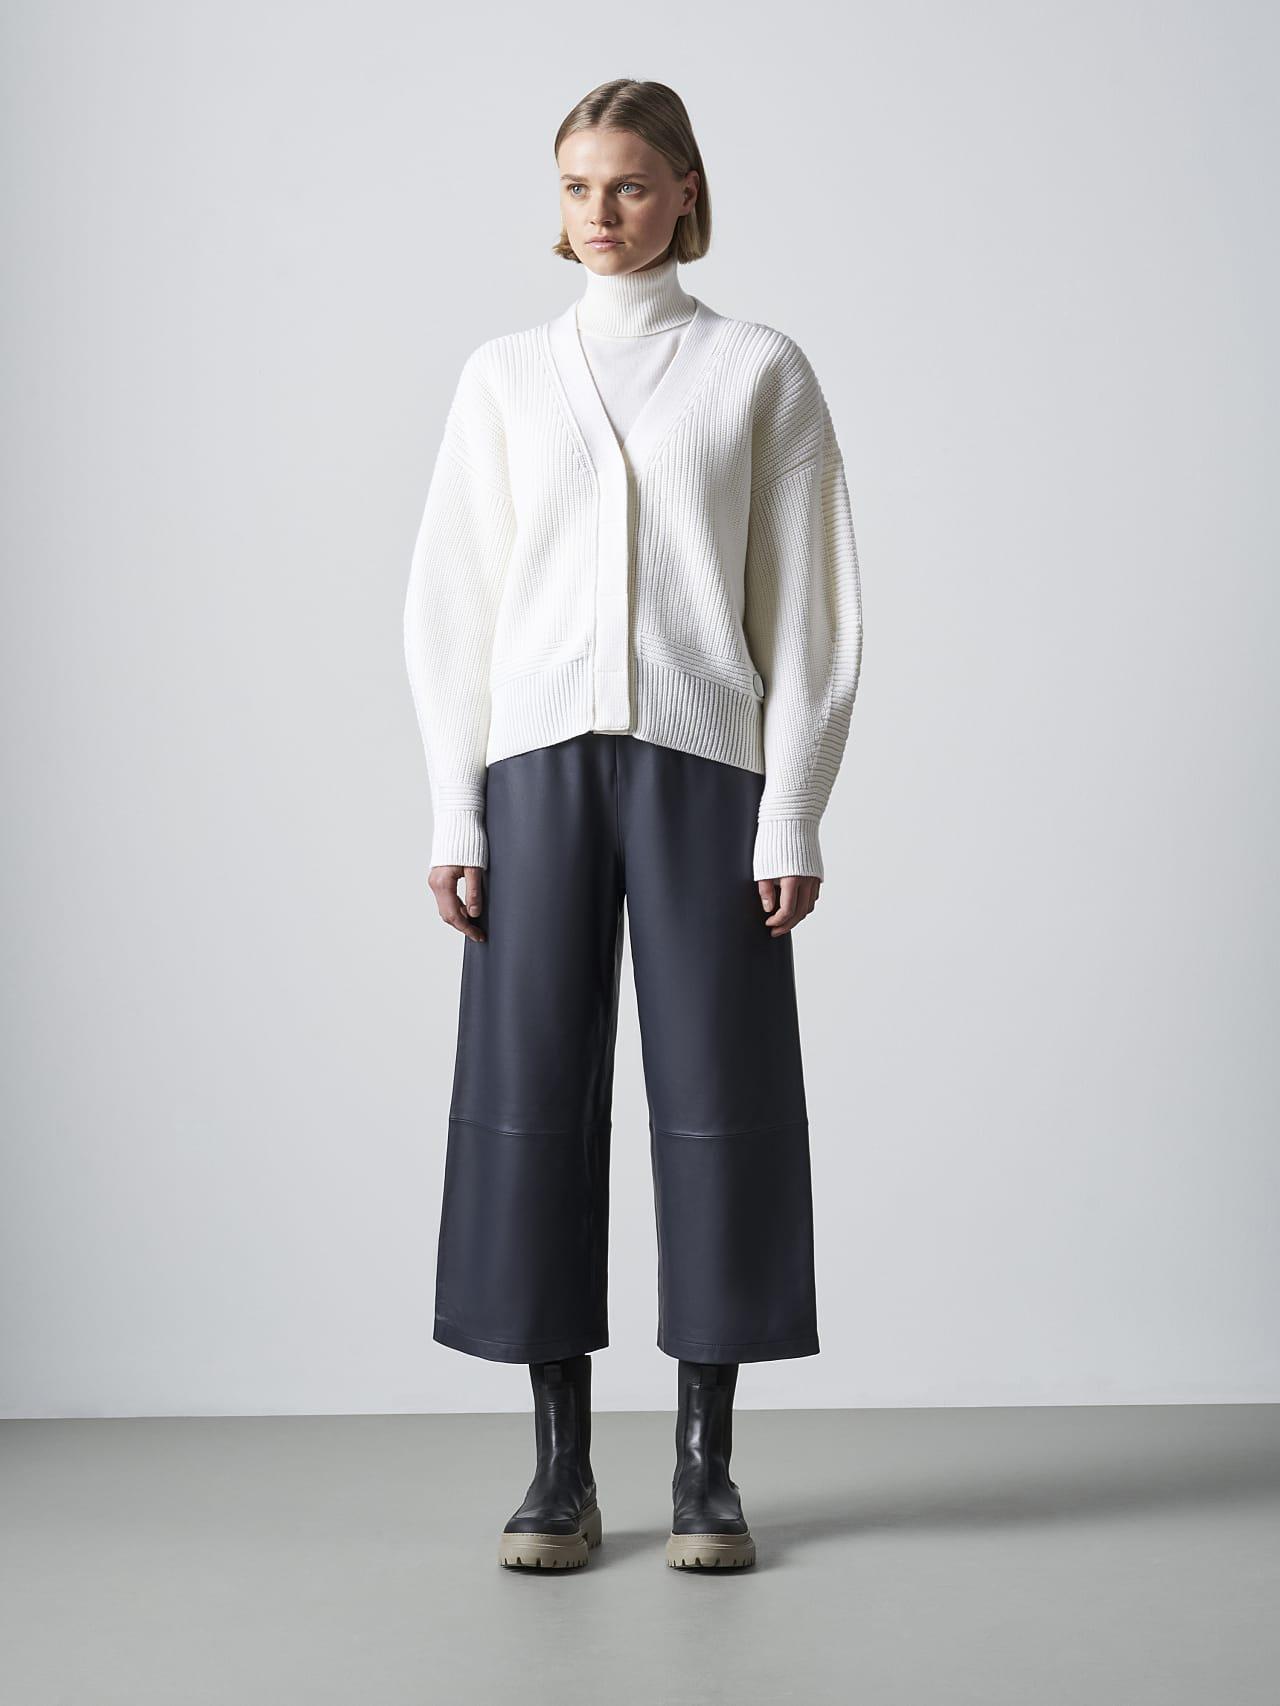 FREDA V1.Y5.02 Chunky Merino Wool Cardigan offwhite Front Alpha Tauri